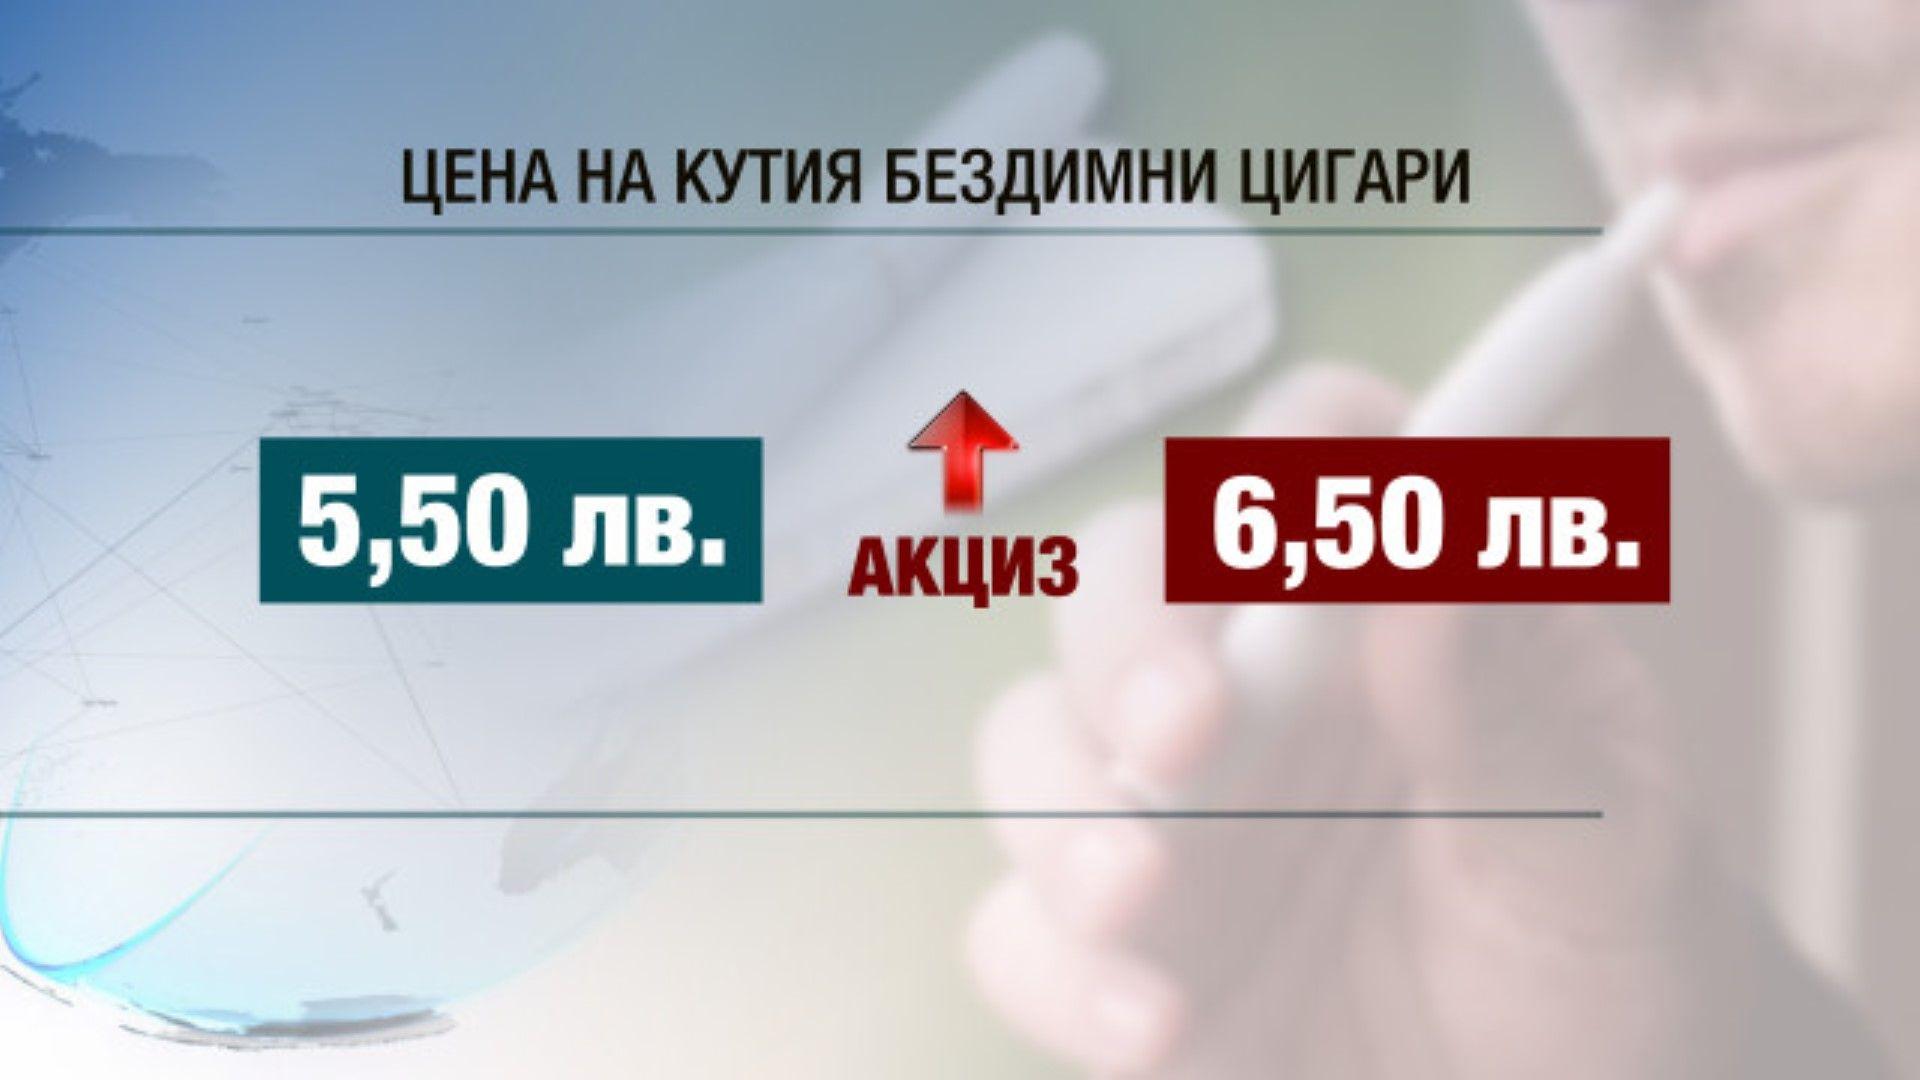 Депутатите гласуват промяната в акциза за бездимните цигари